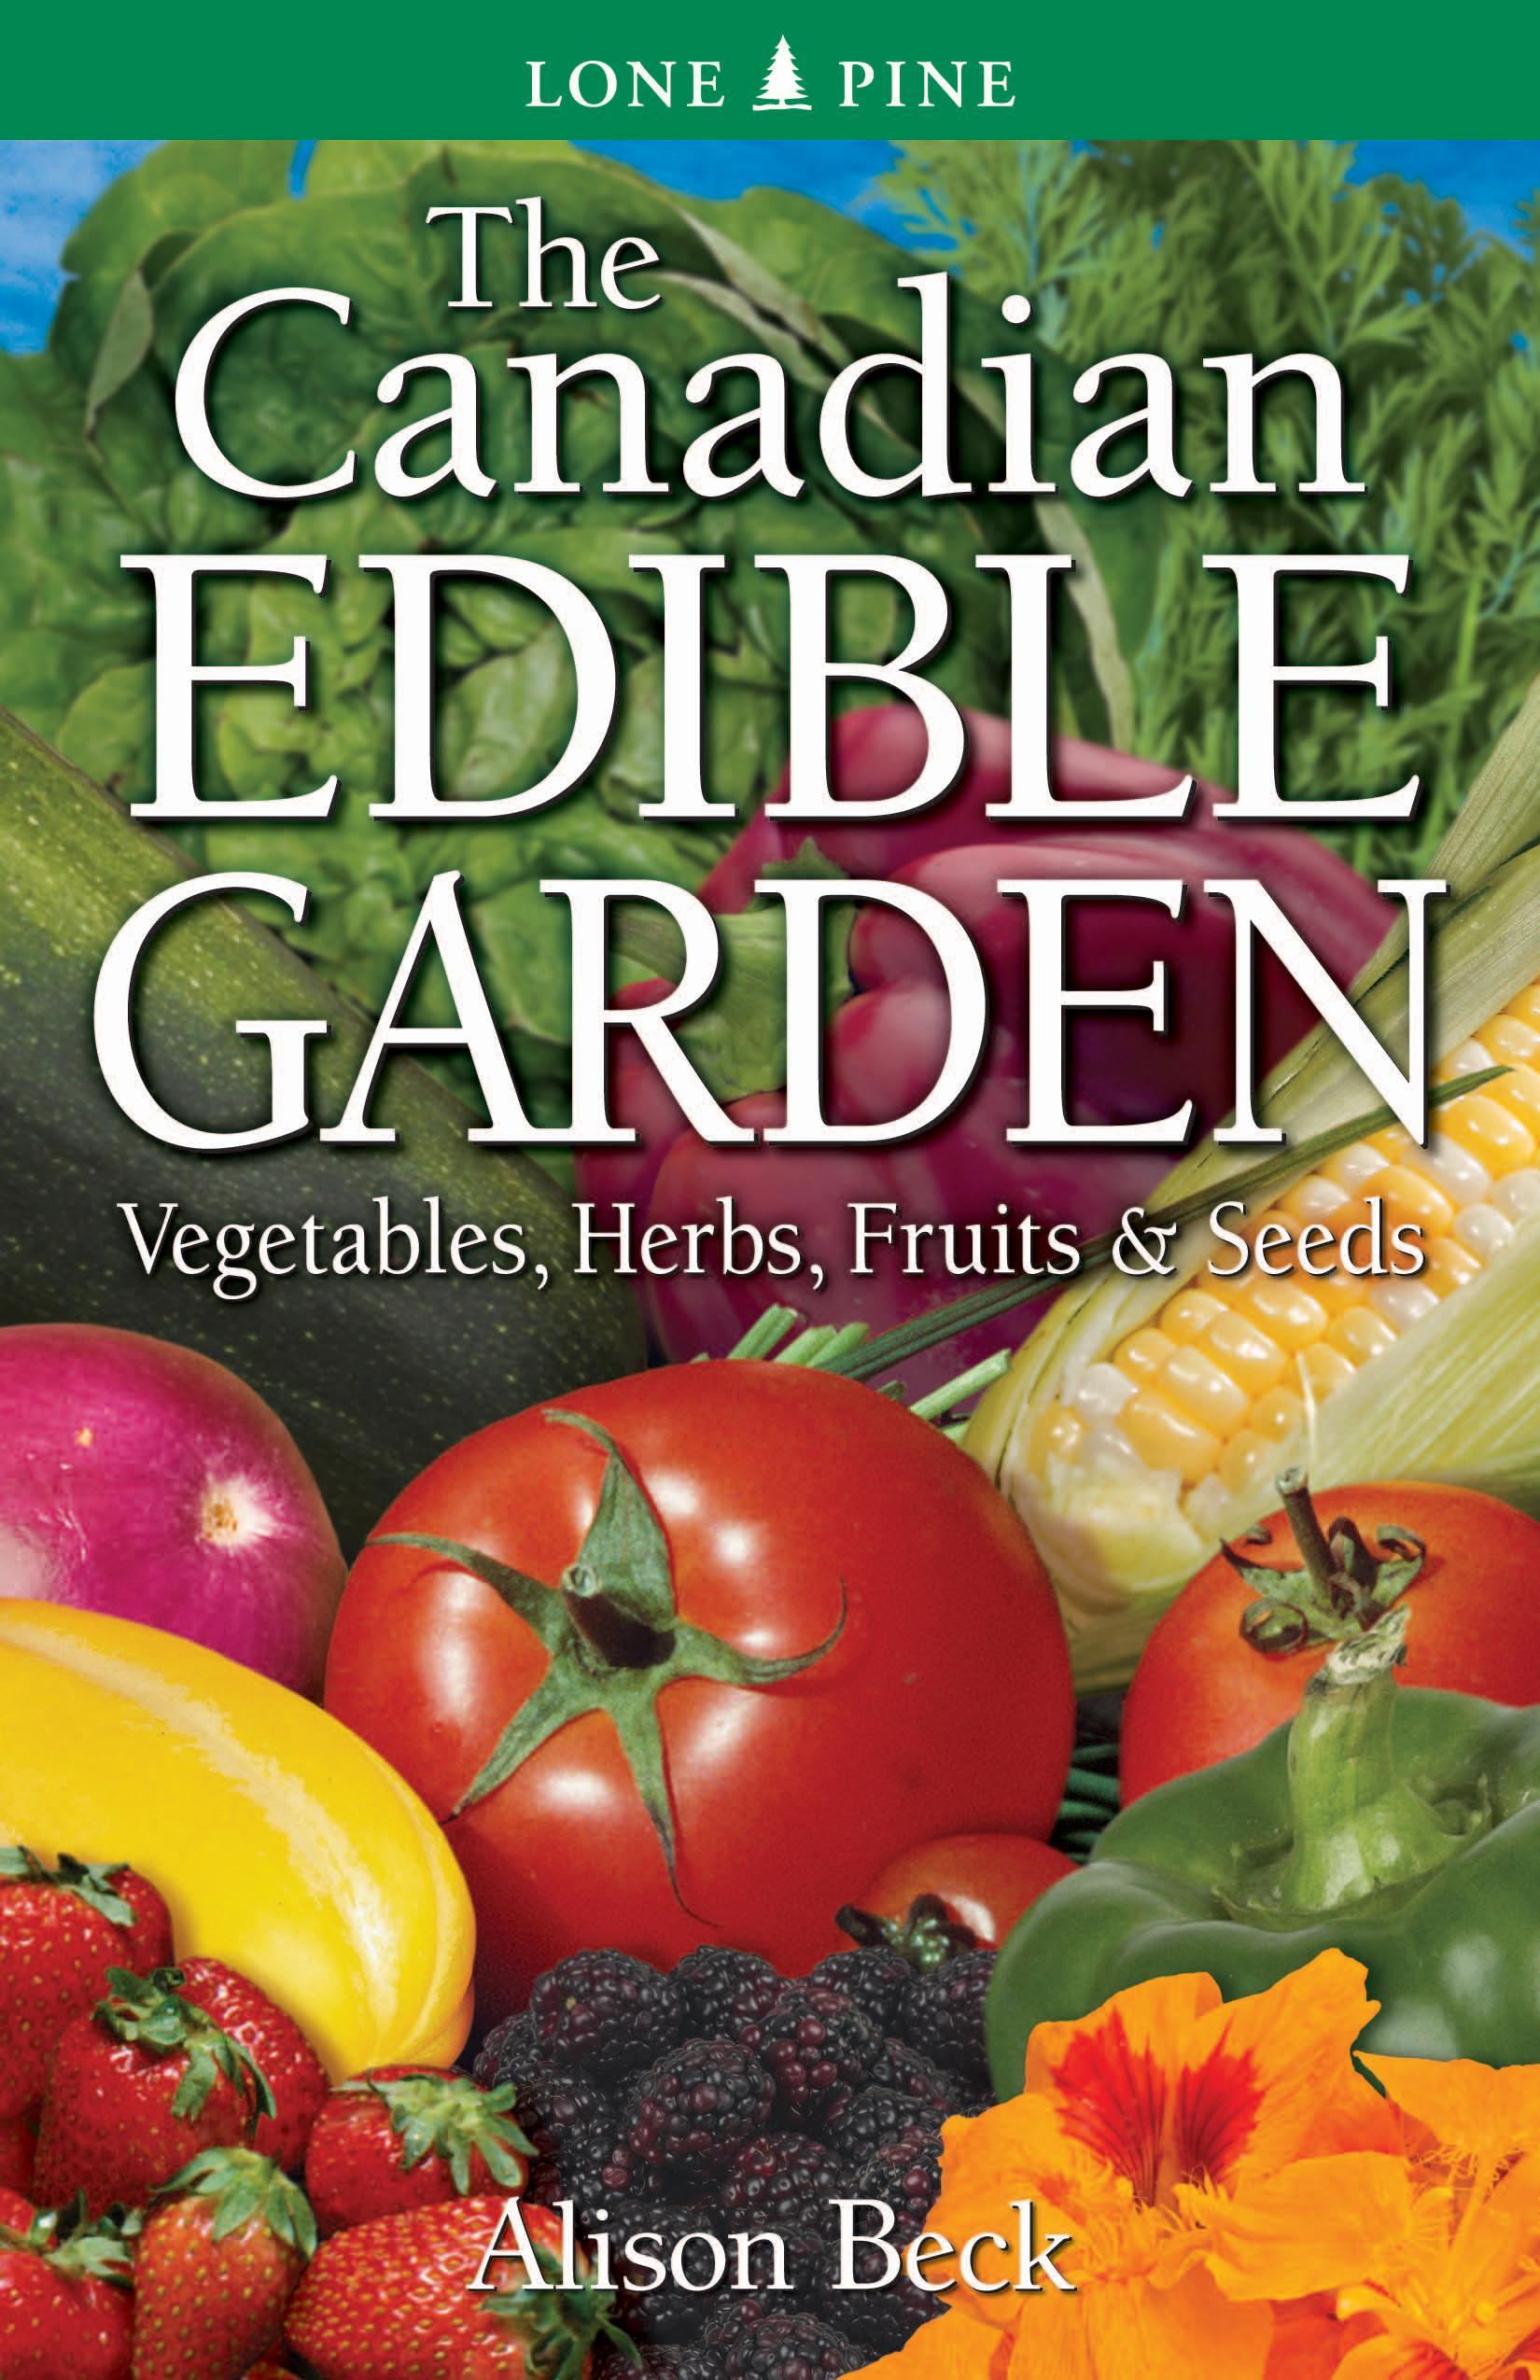 The Canadian Edible Garden